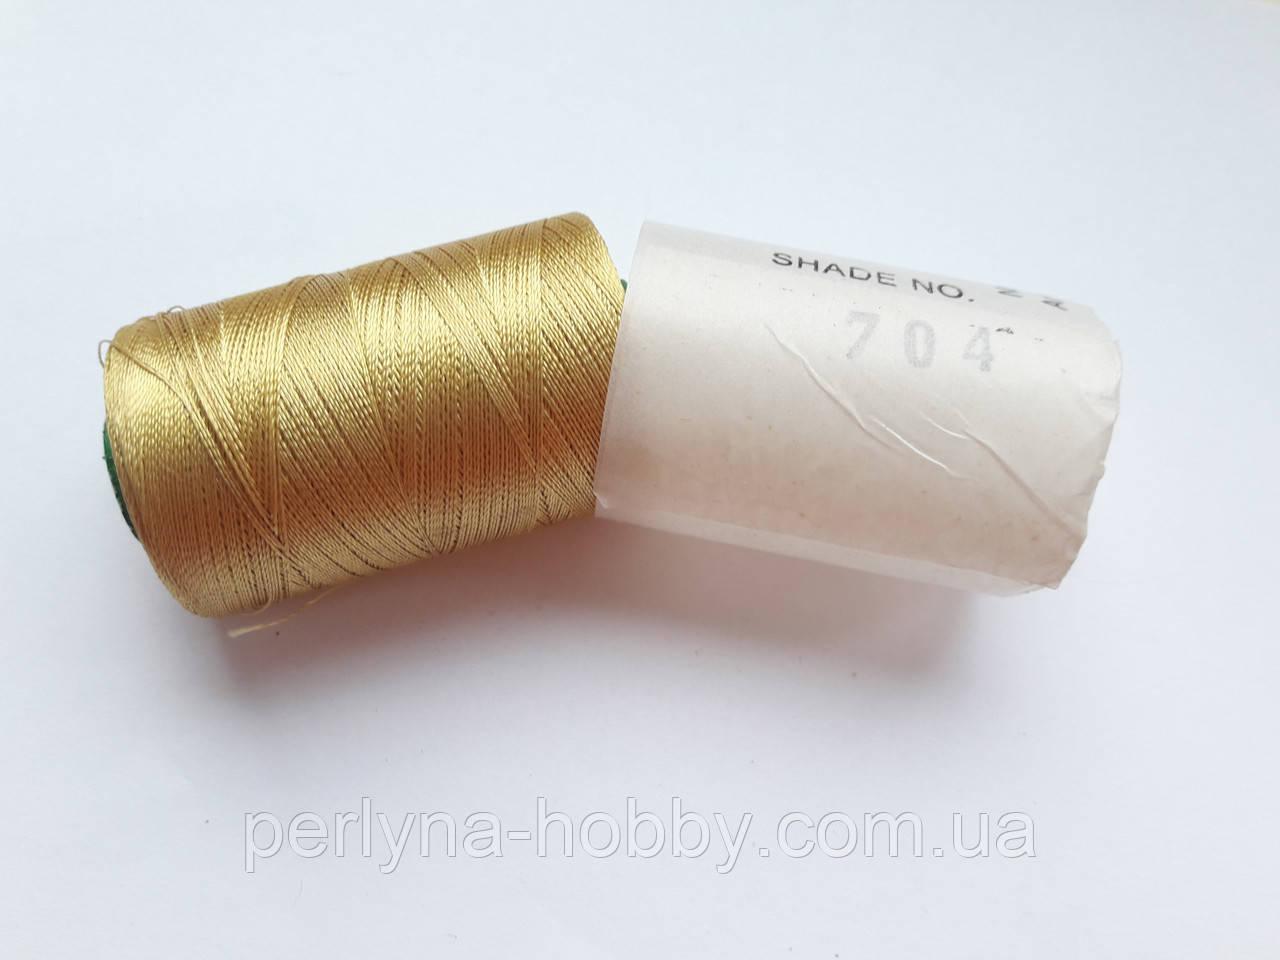 Нитки шелковые вискоза, для ручной и машинной вышивки, для серг-кисточек Індія. Золотистий. № 704